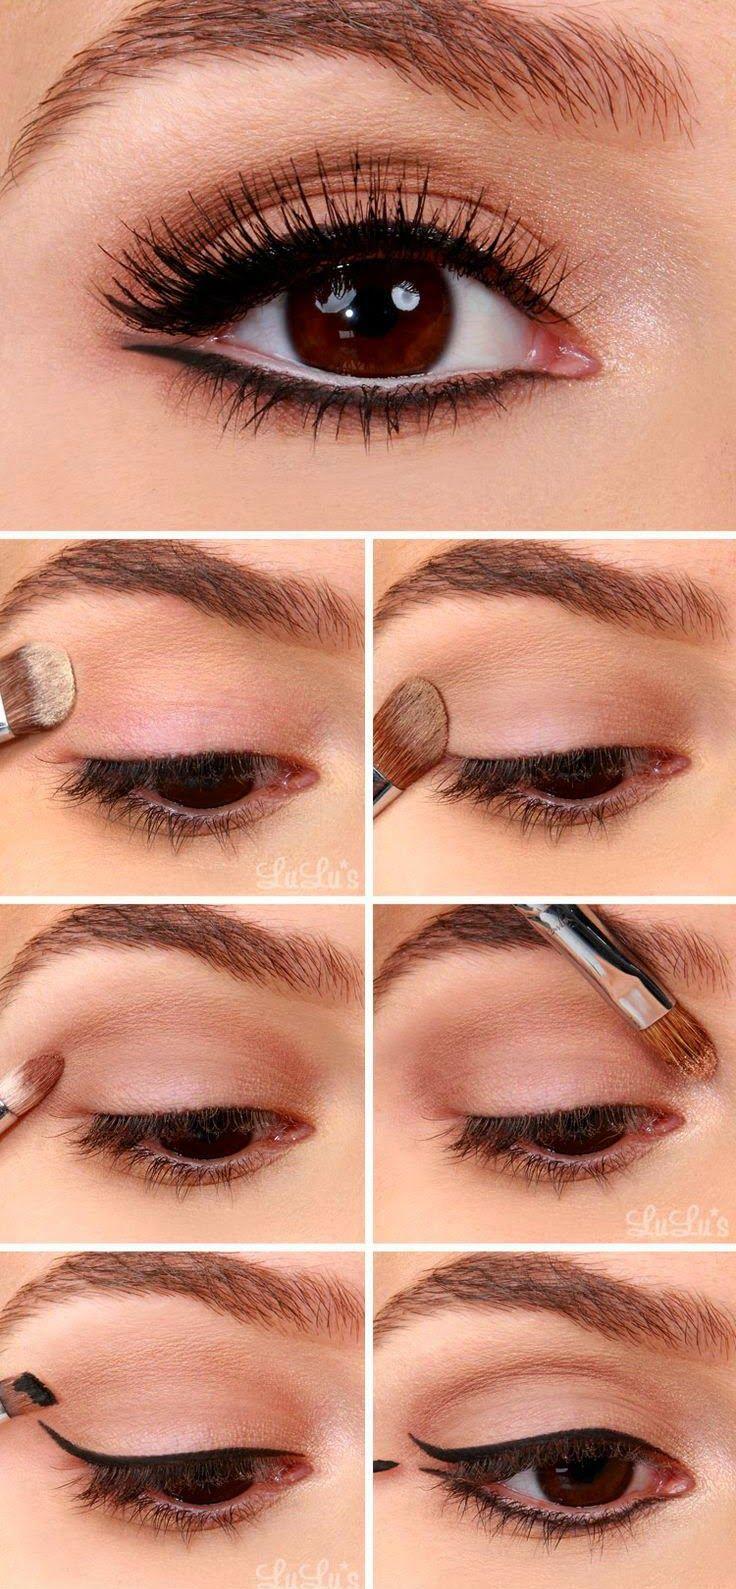 Runway Inspired Black Eyeliner Makeup Tutorials | Blog LuLu*s